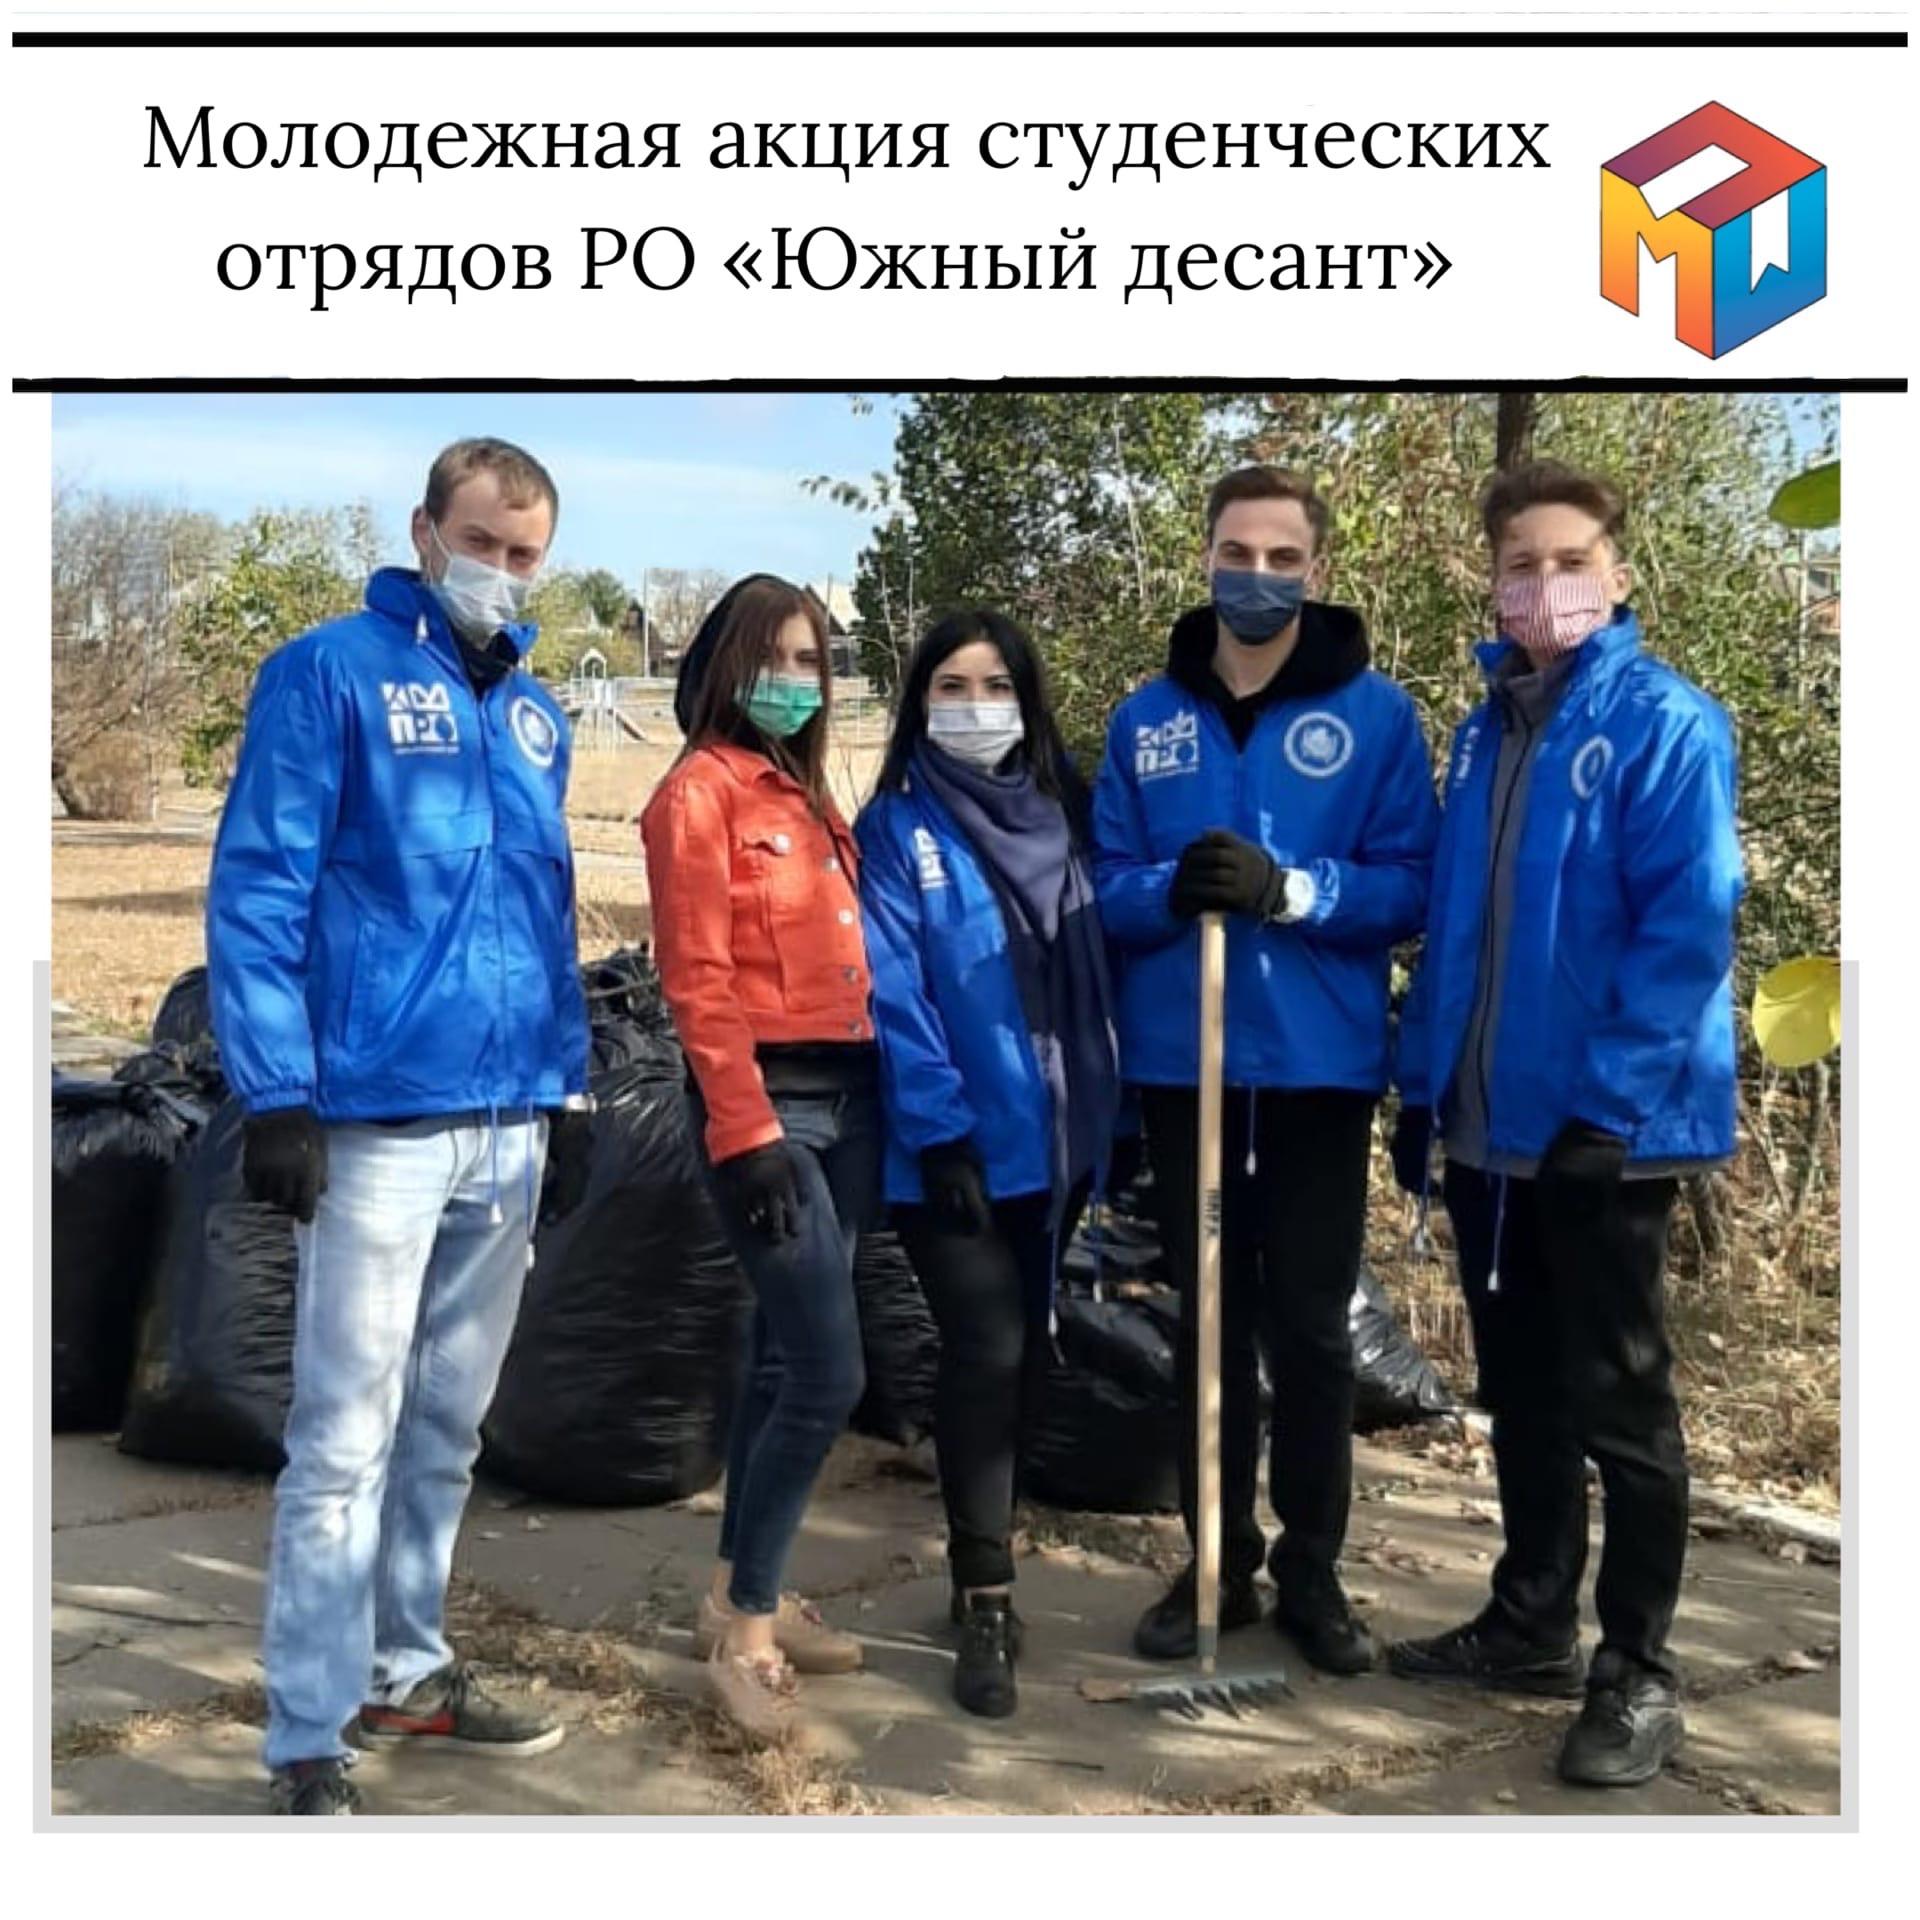 Депутаты Молодежного Парламента приняли участие в молодёжной акции студенческих отрядов Ростовской области «Южный десант»